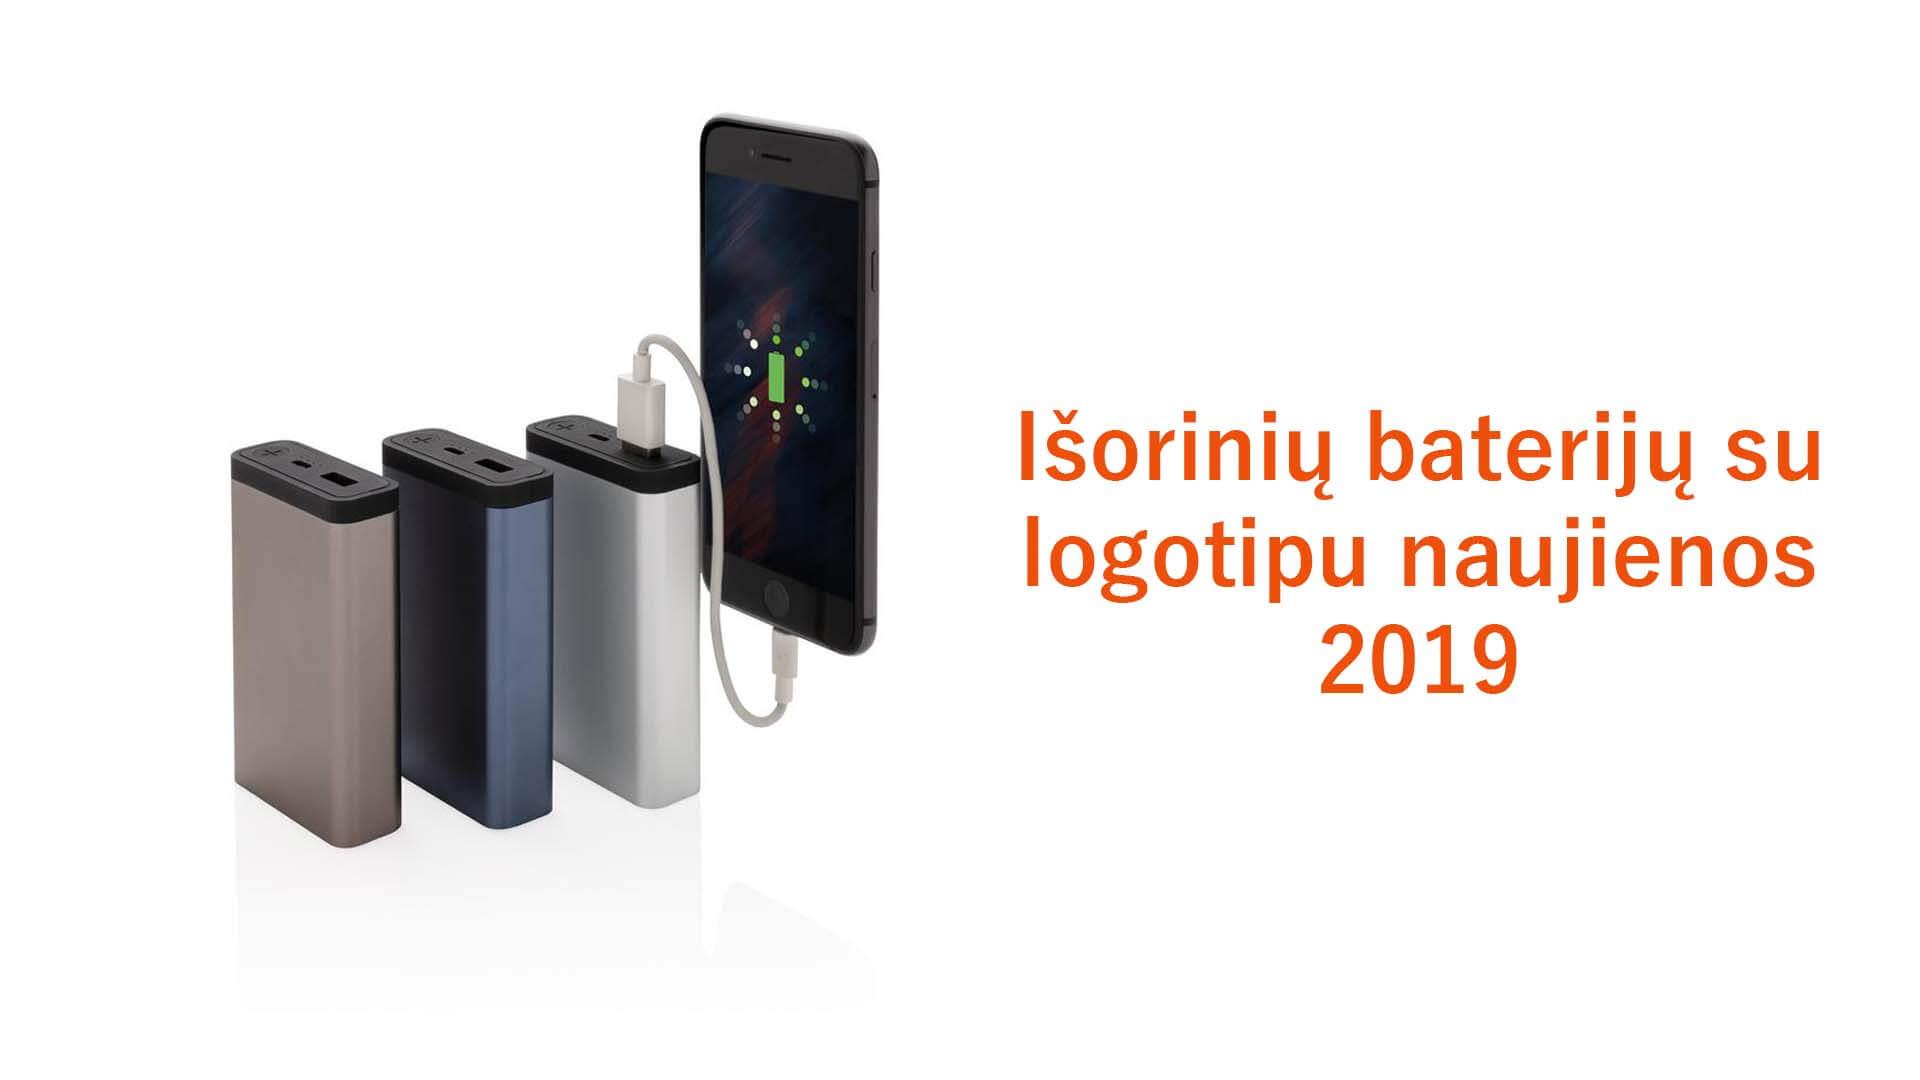 išorinių-baterijų-su-logotipu-naujienos-multidora